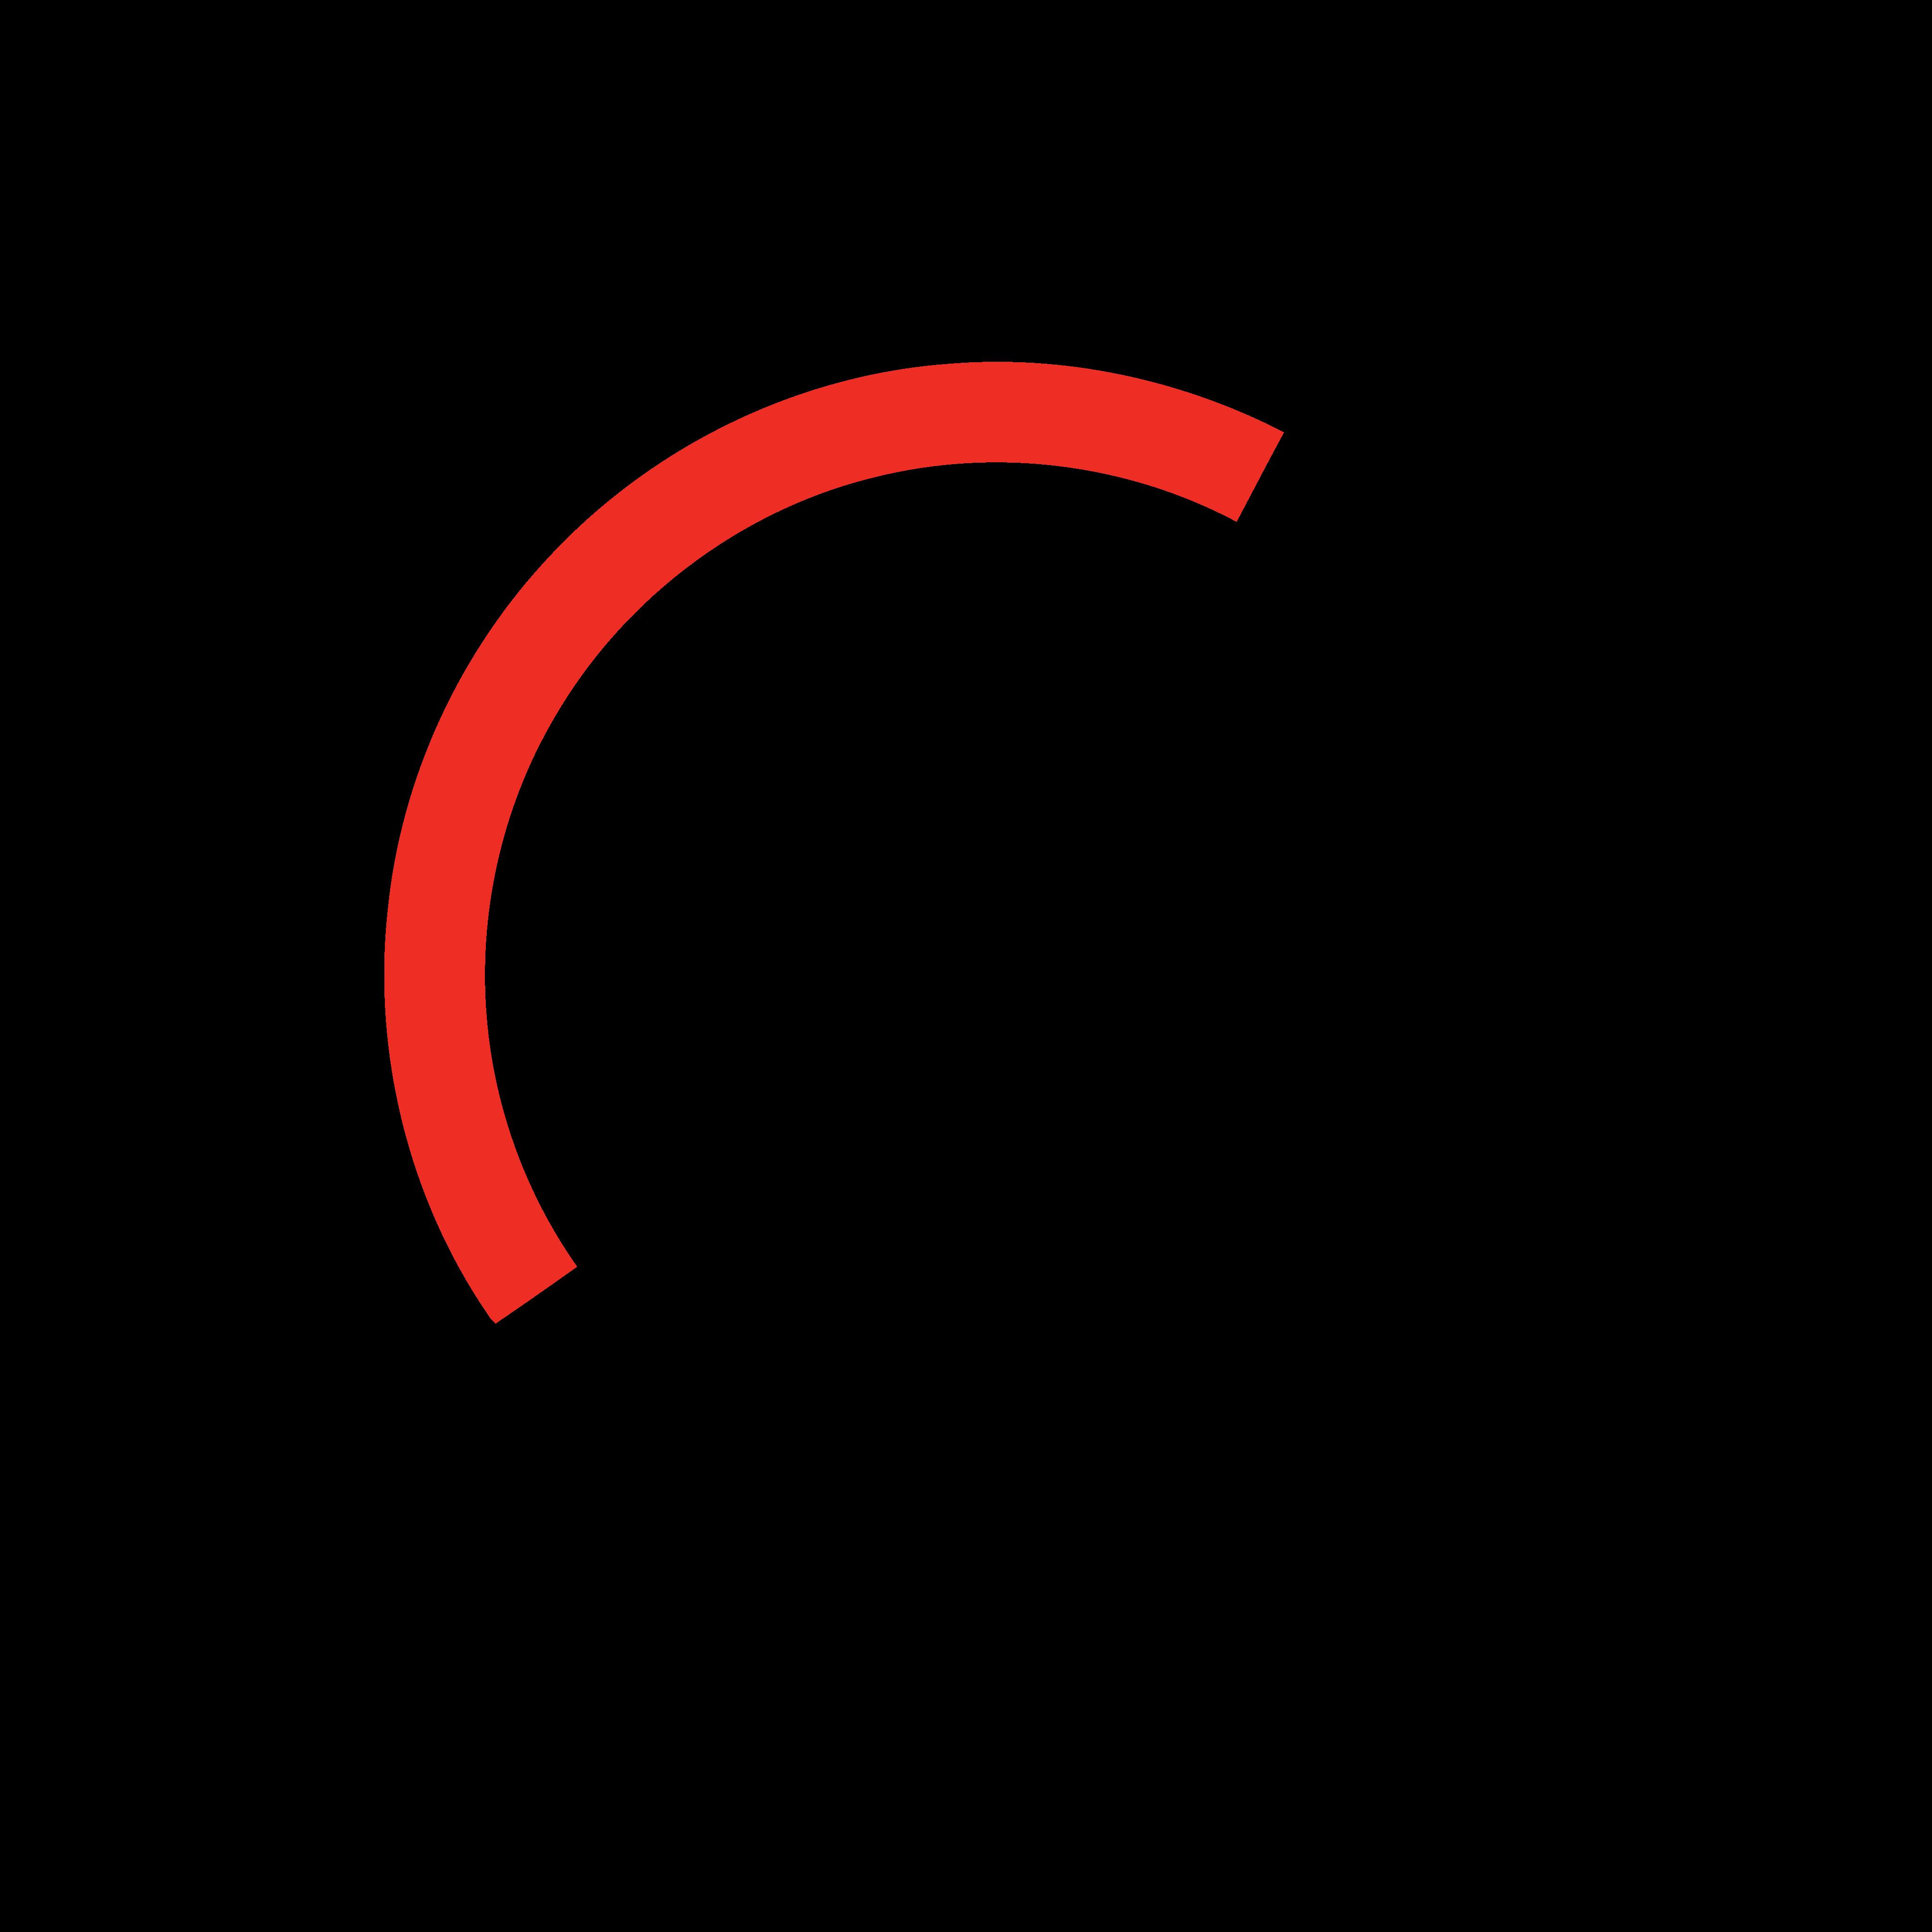 bellator mma logo 0 - Bellator MMA Logo